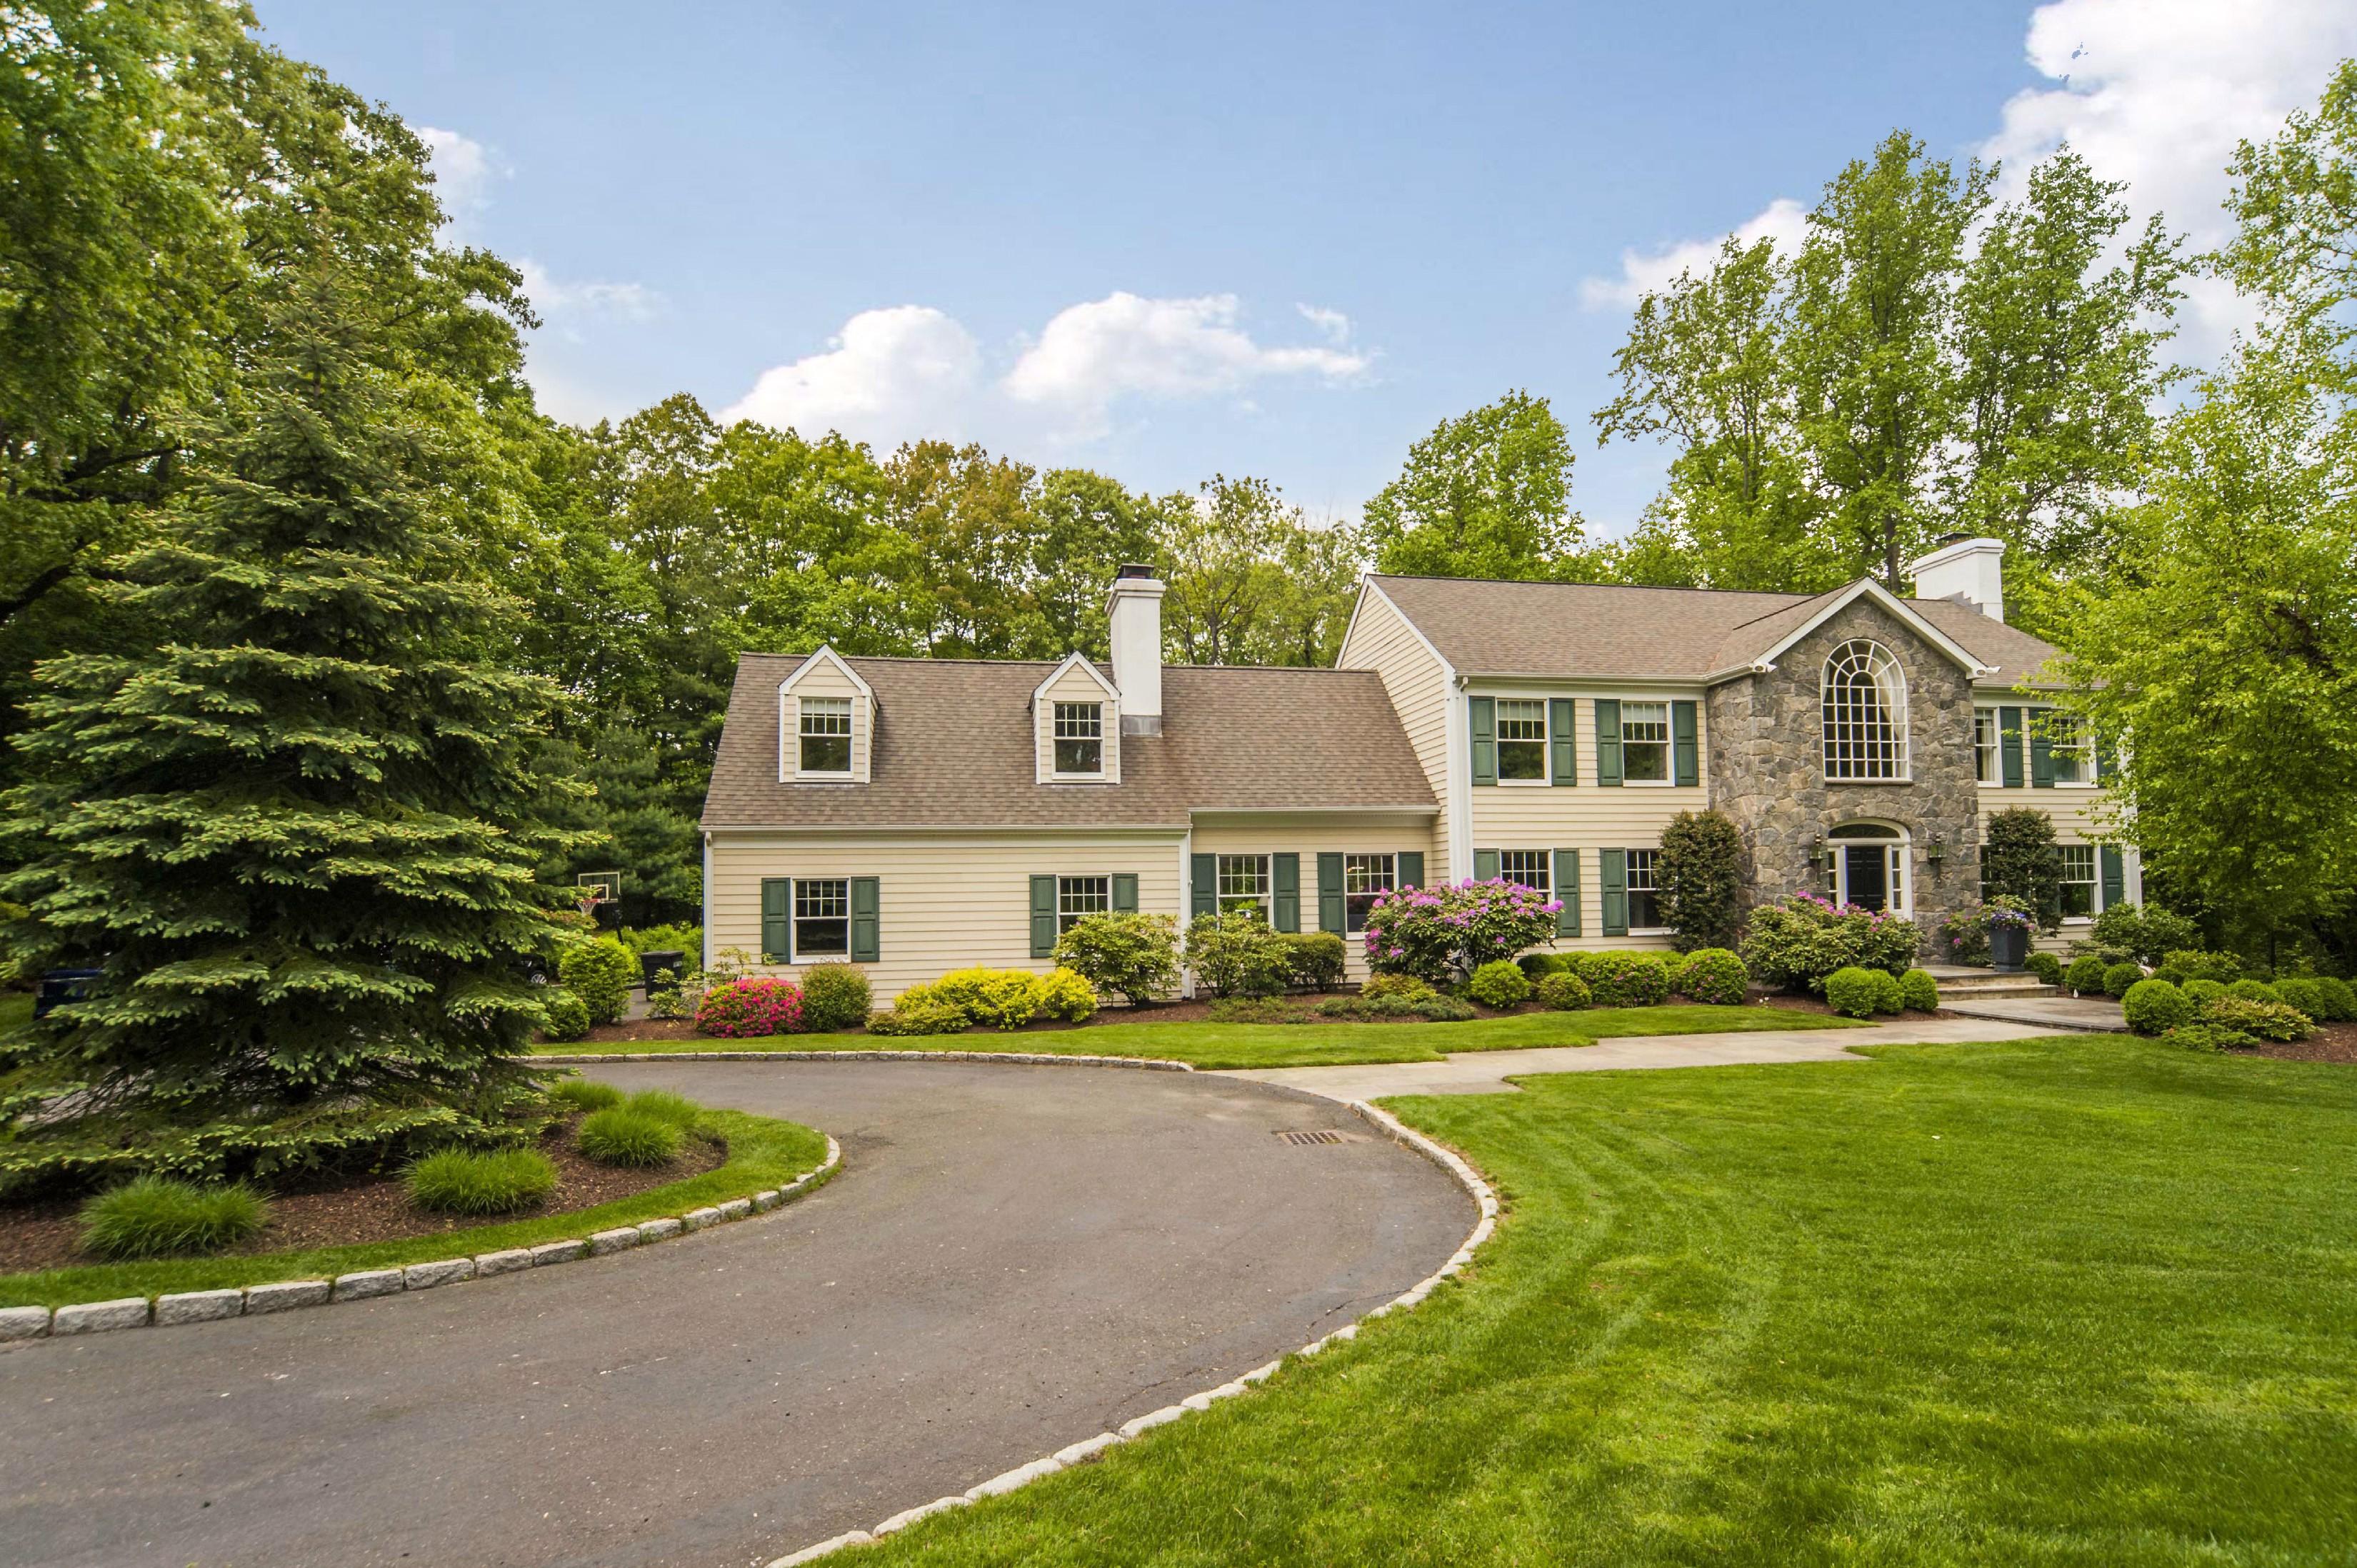 独户住宅 为 销售 在 Wilson Point Gem 7 Hilltop Road Norwalk, 康涅狄格州 06854 美国